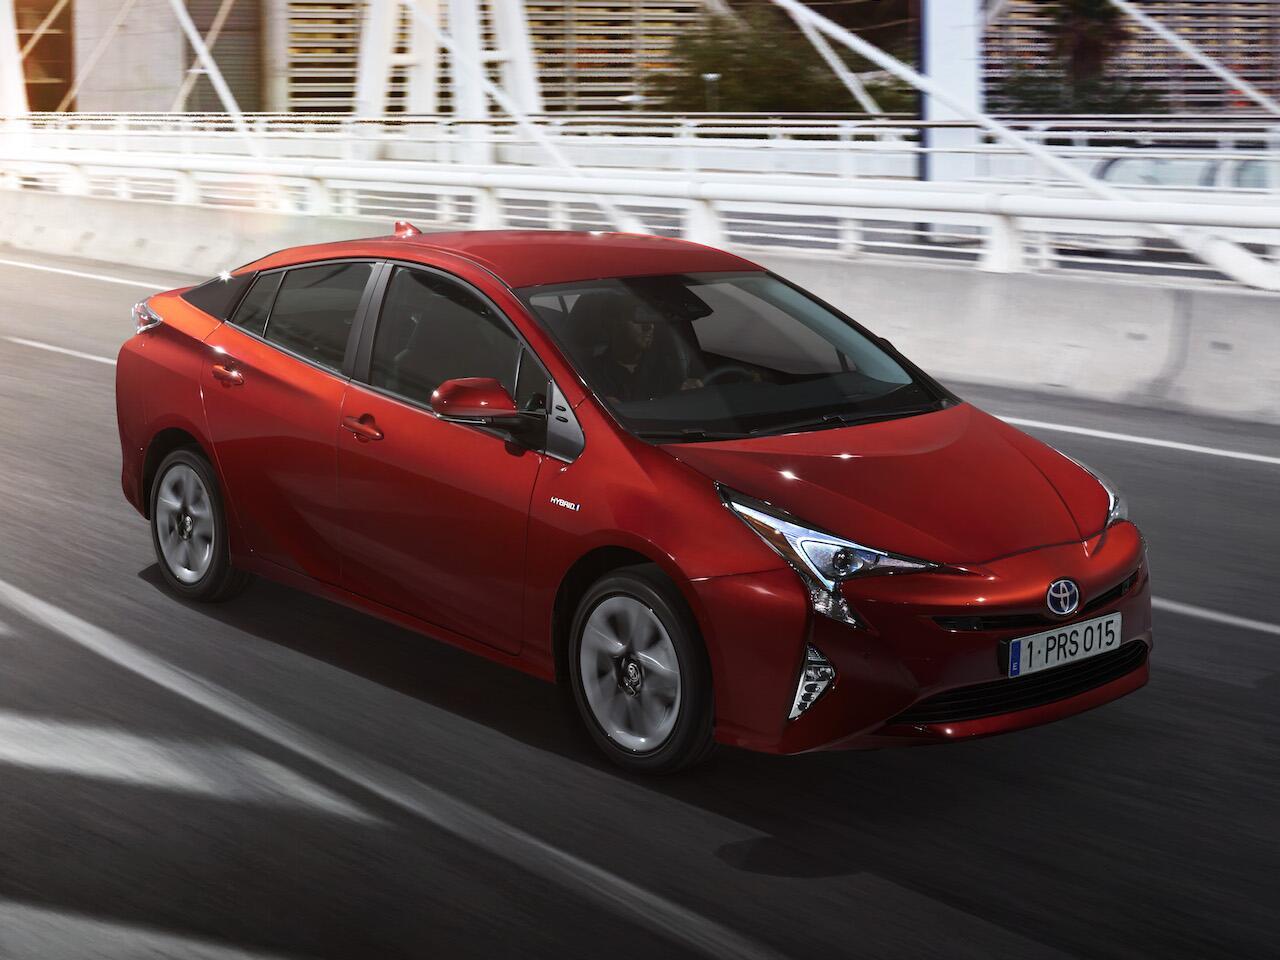 Bild zu Top 10: Toyota, BMW und Co - das sind die zehn wertvollsten Automarken der Welt